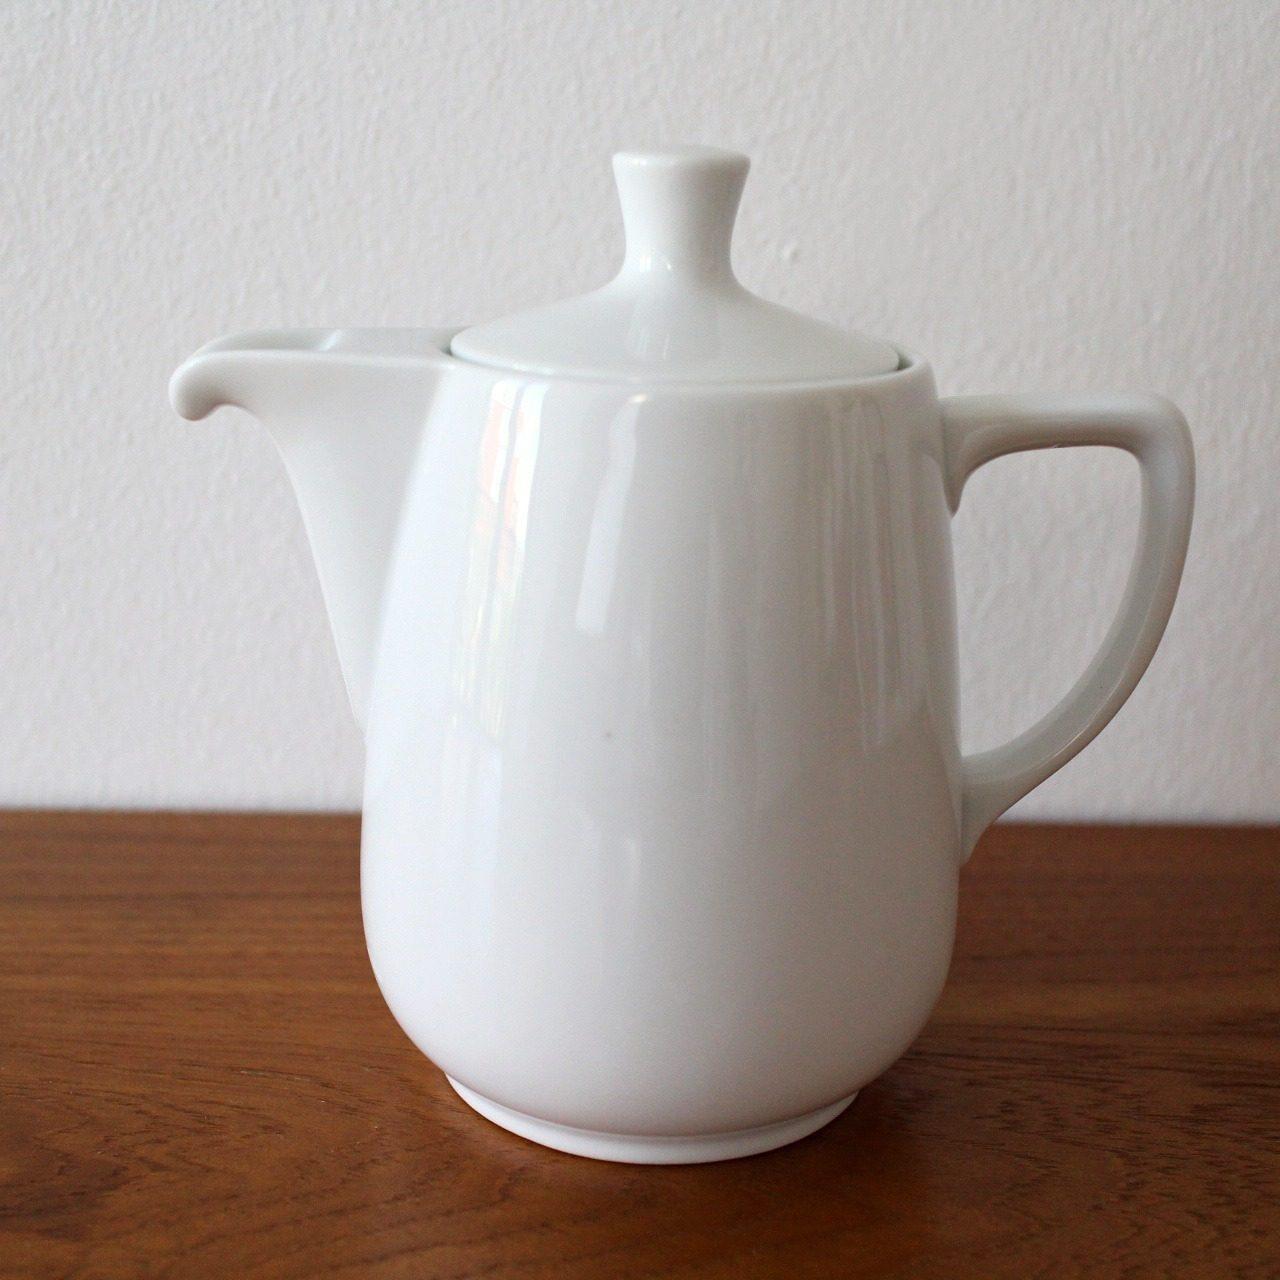 Melittaヴィンテージコーヒーポット